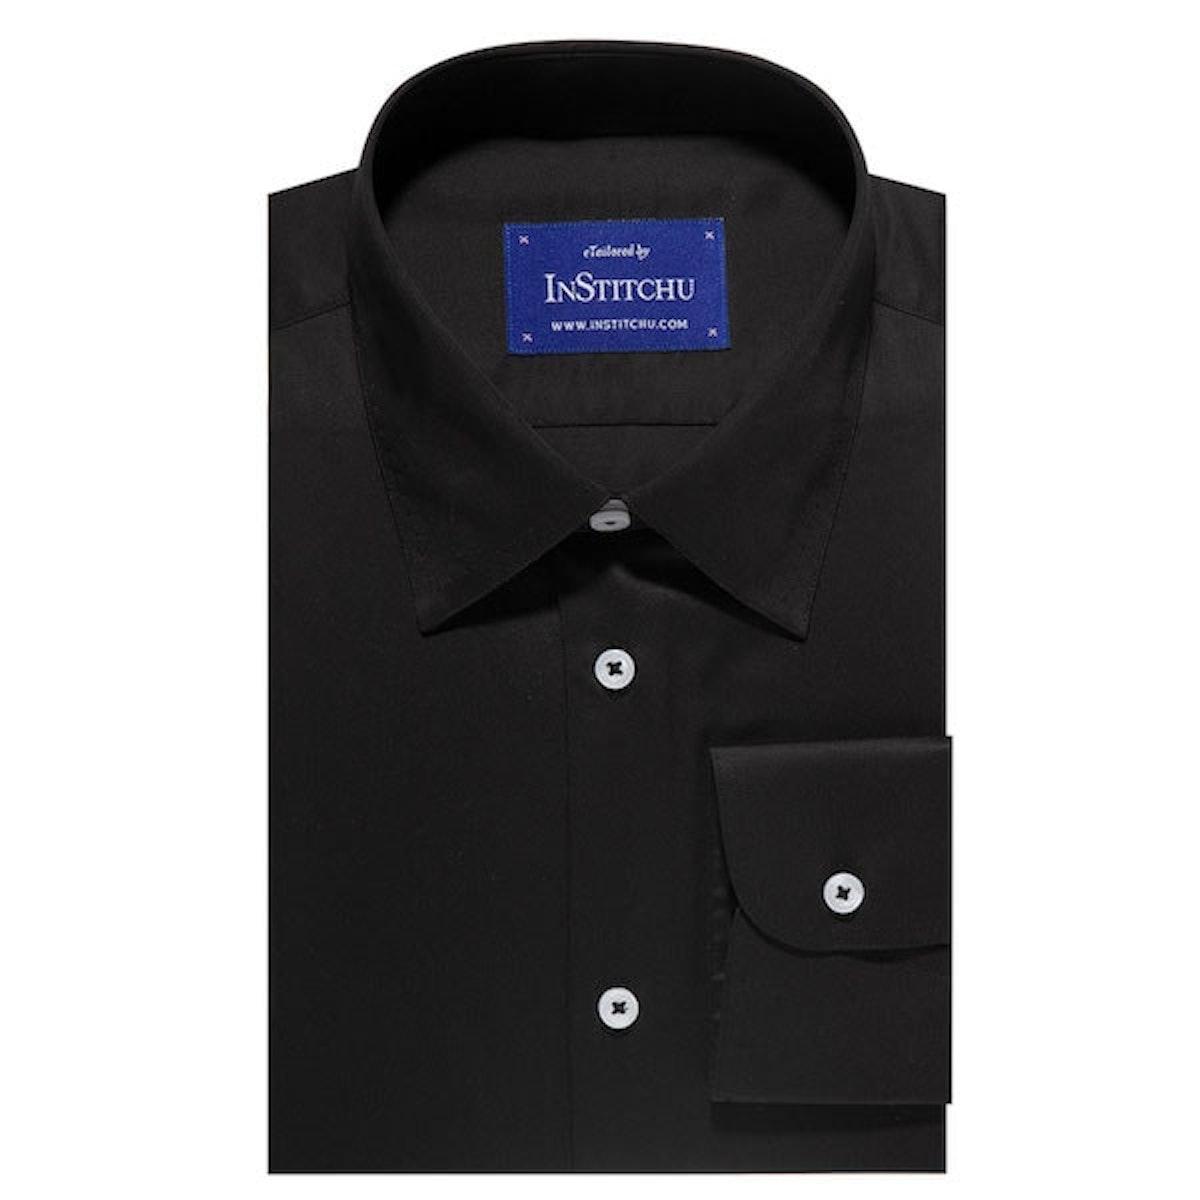 InStitchu Shirt Fabric 21